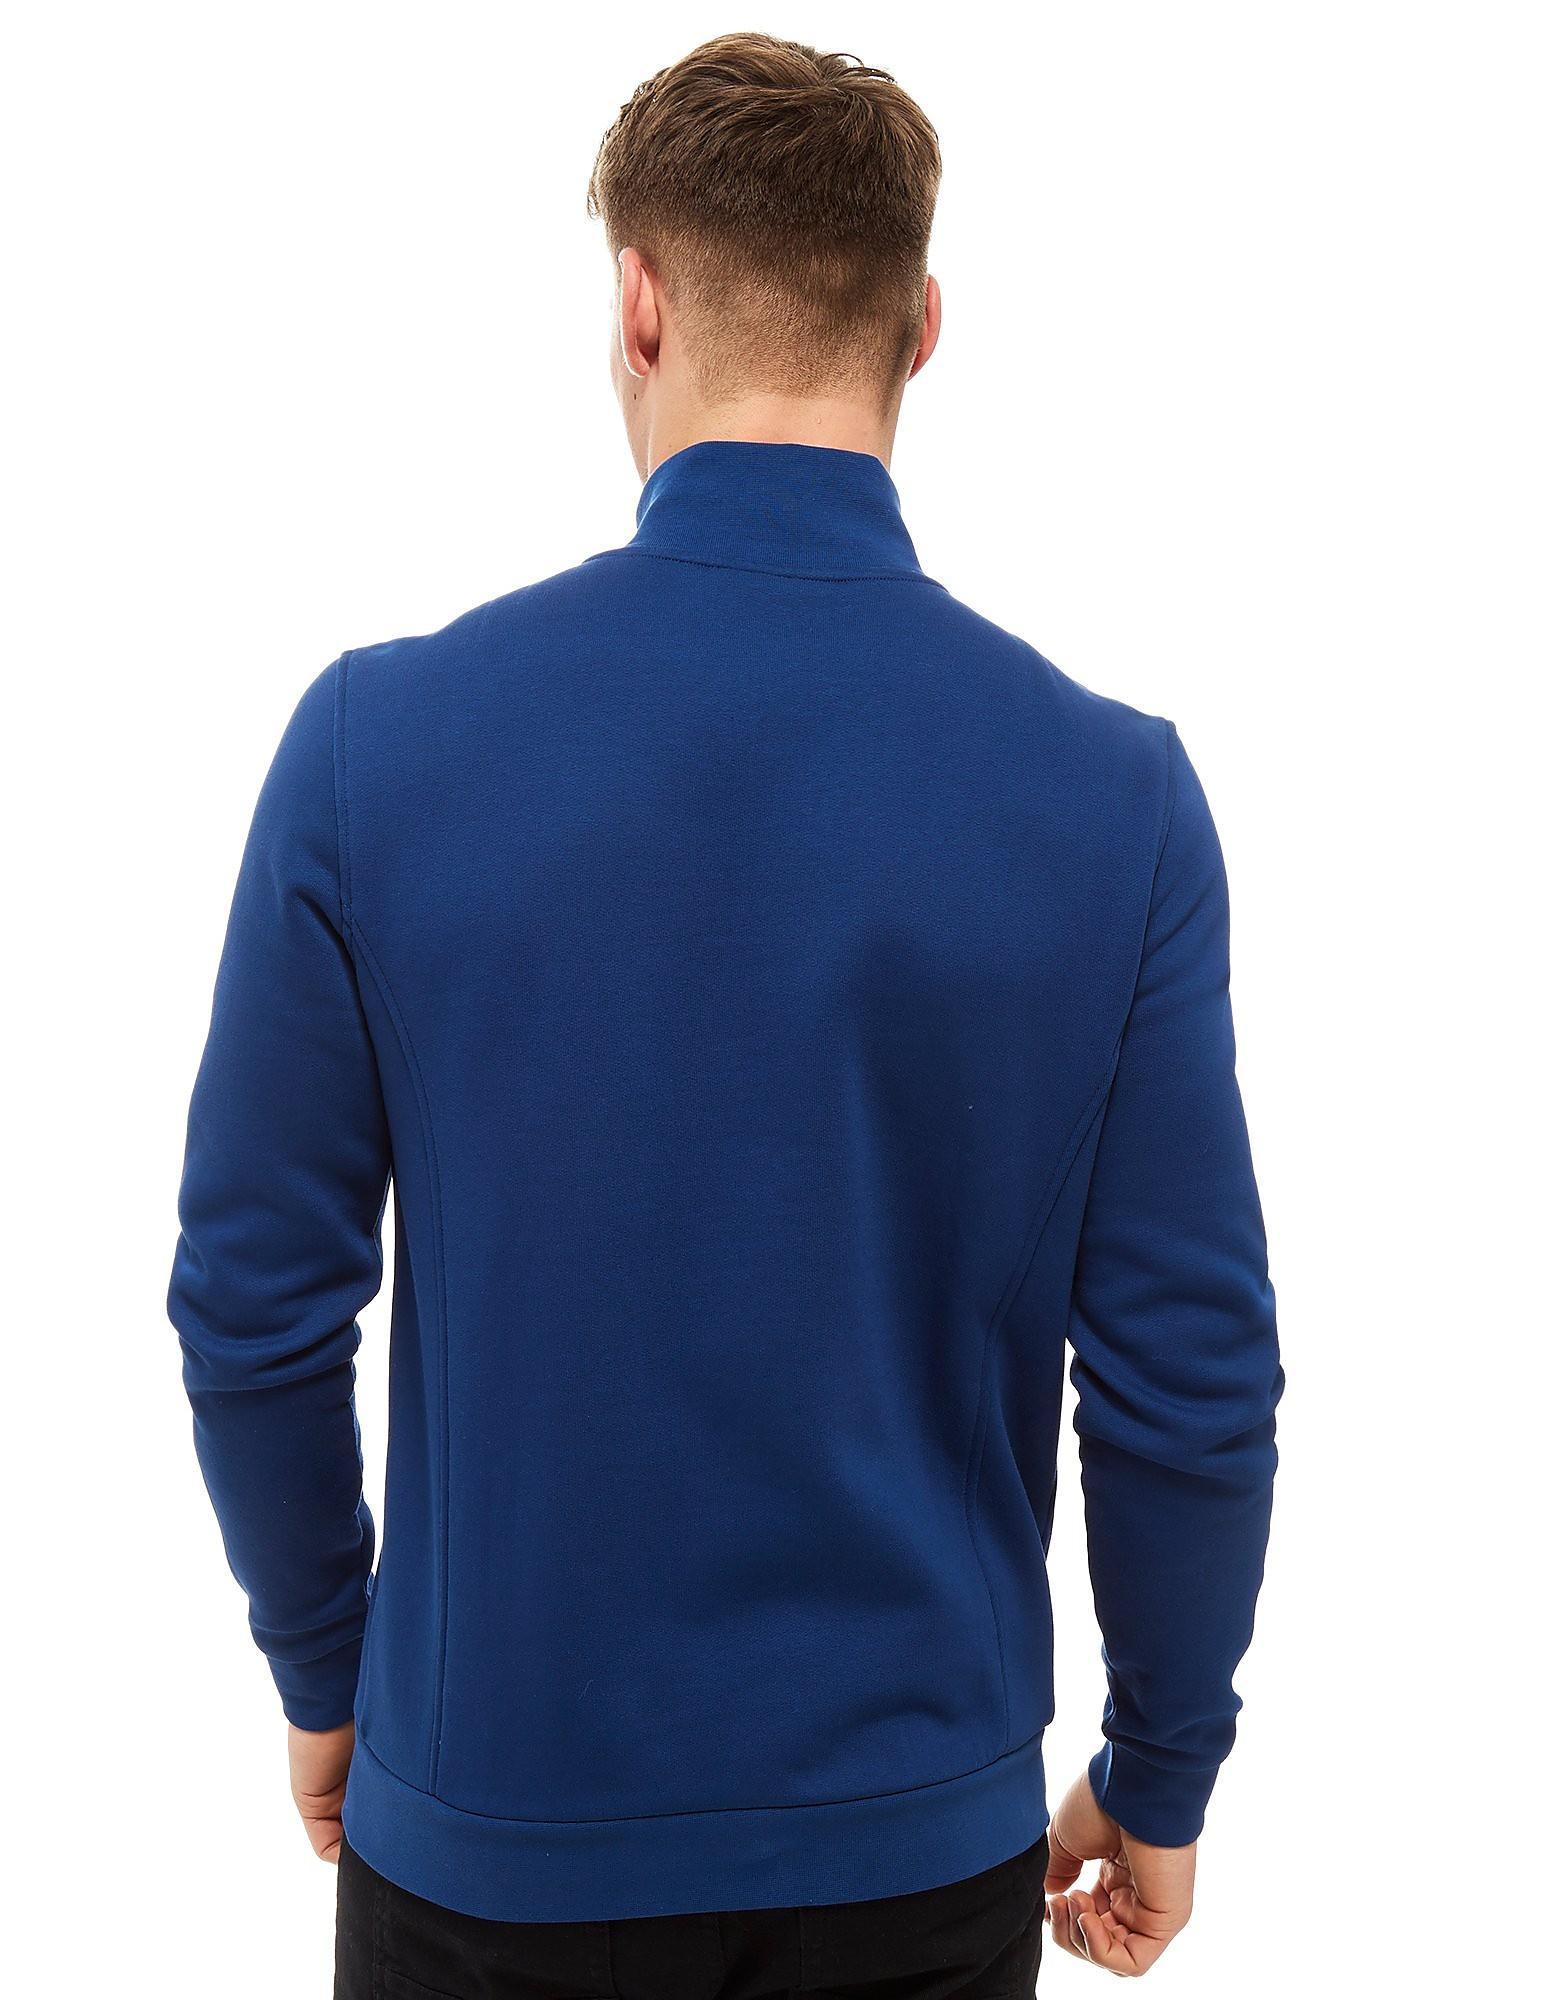 Lacoste Zip Fleece Track Top